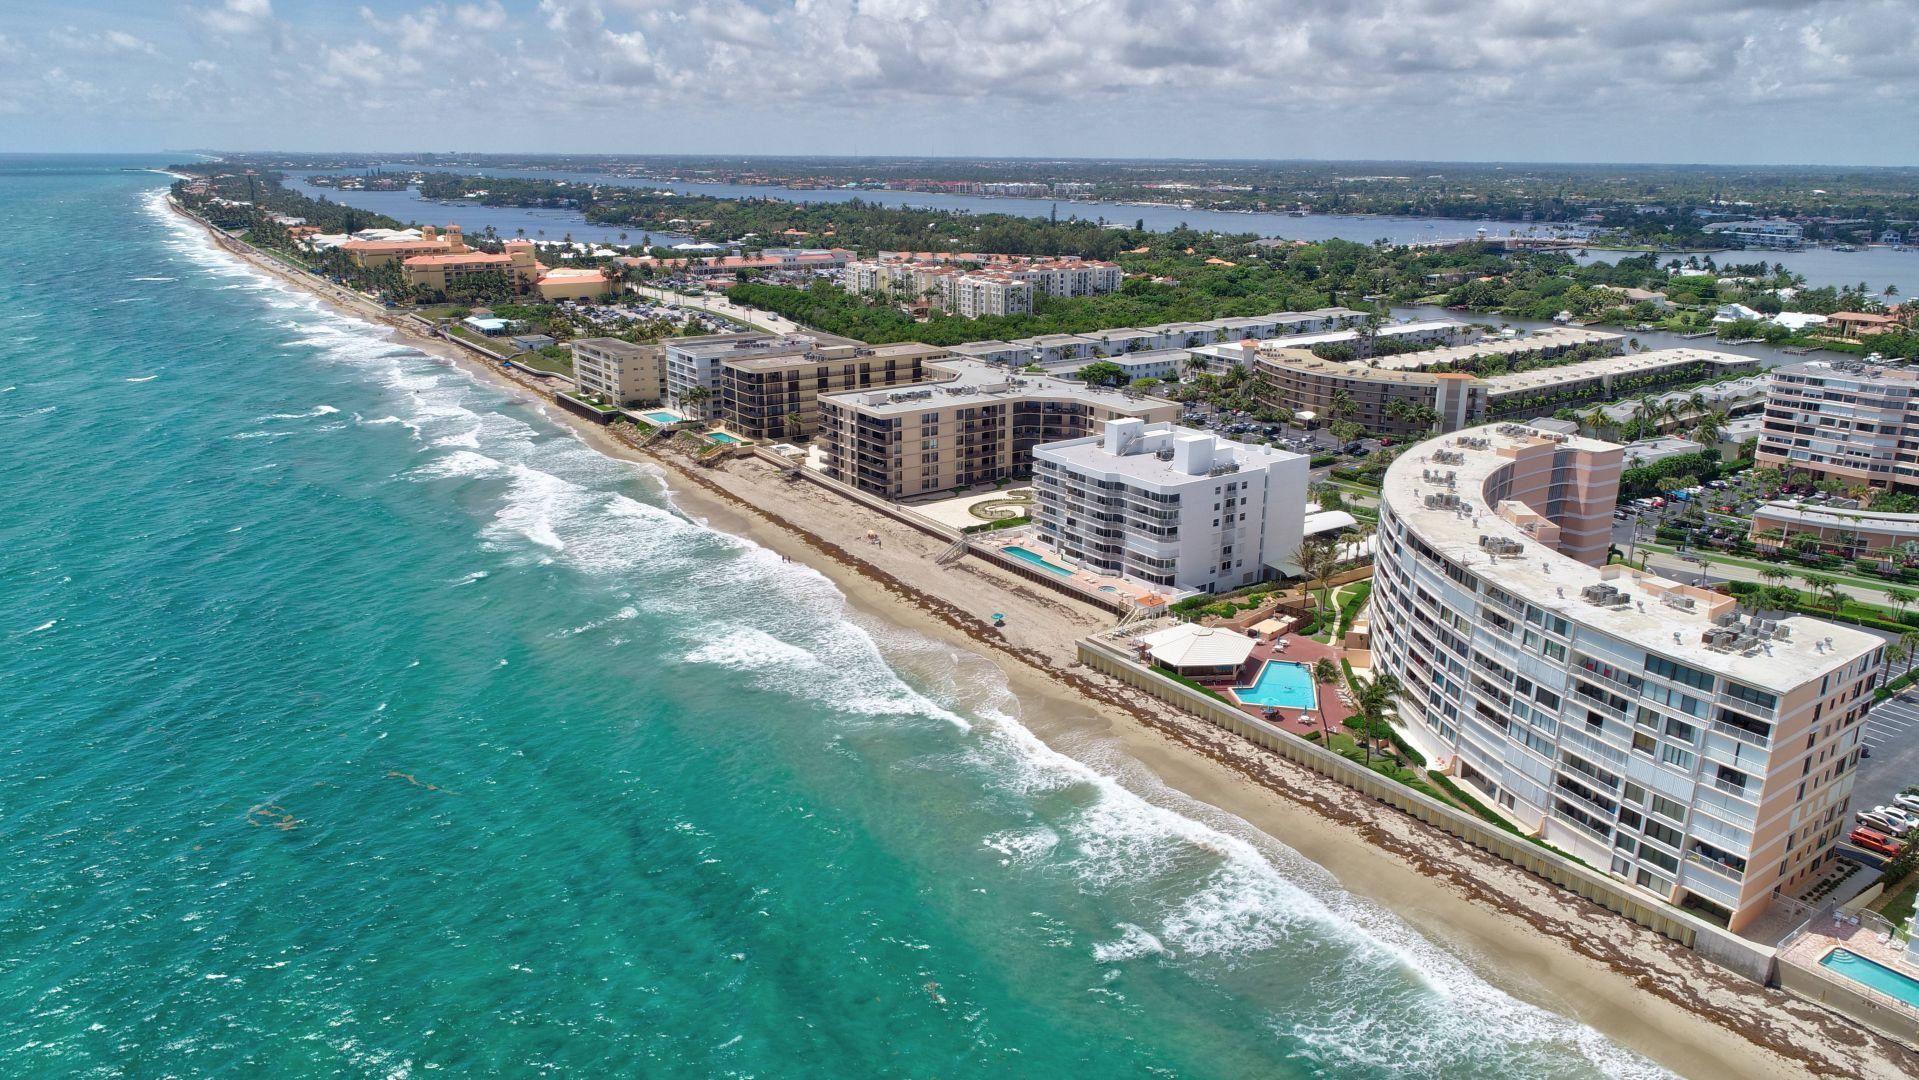 3589 S Ocean Boulevard #802, South Palm Beach, FL 33480 - #: RX-10633878